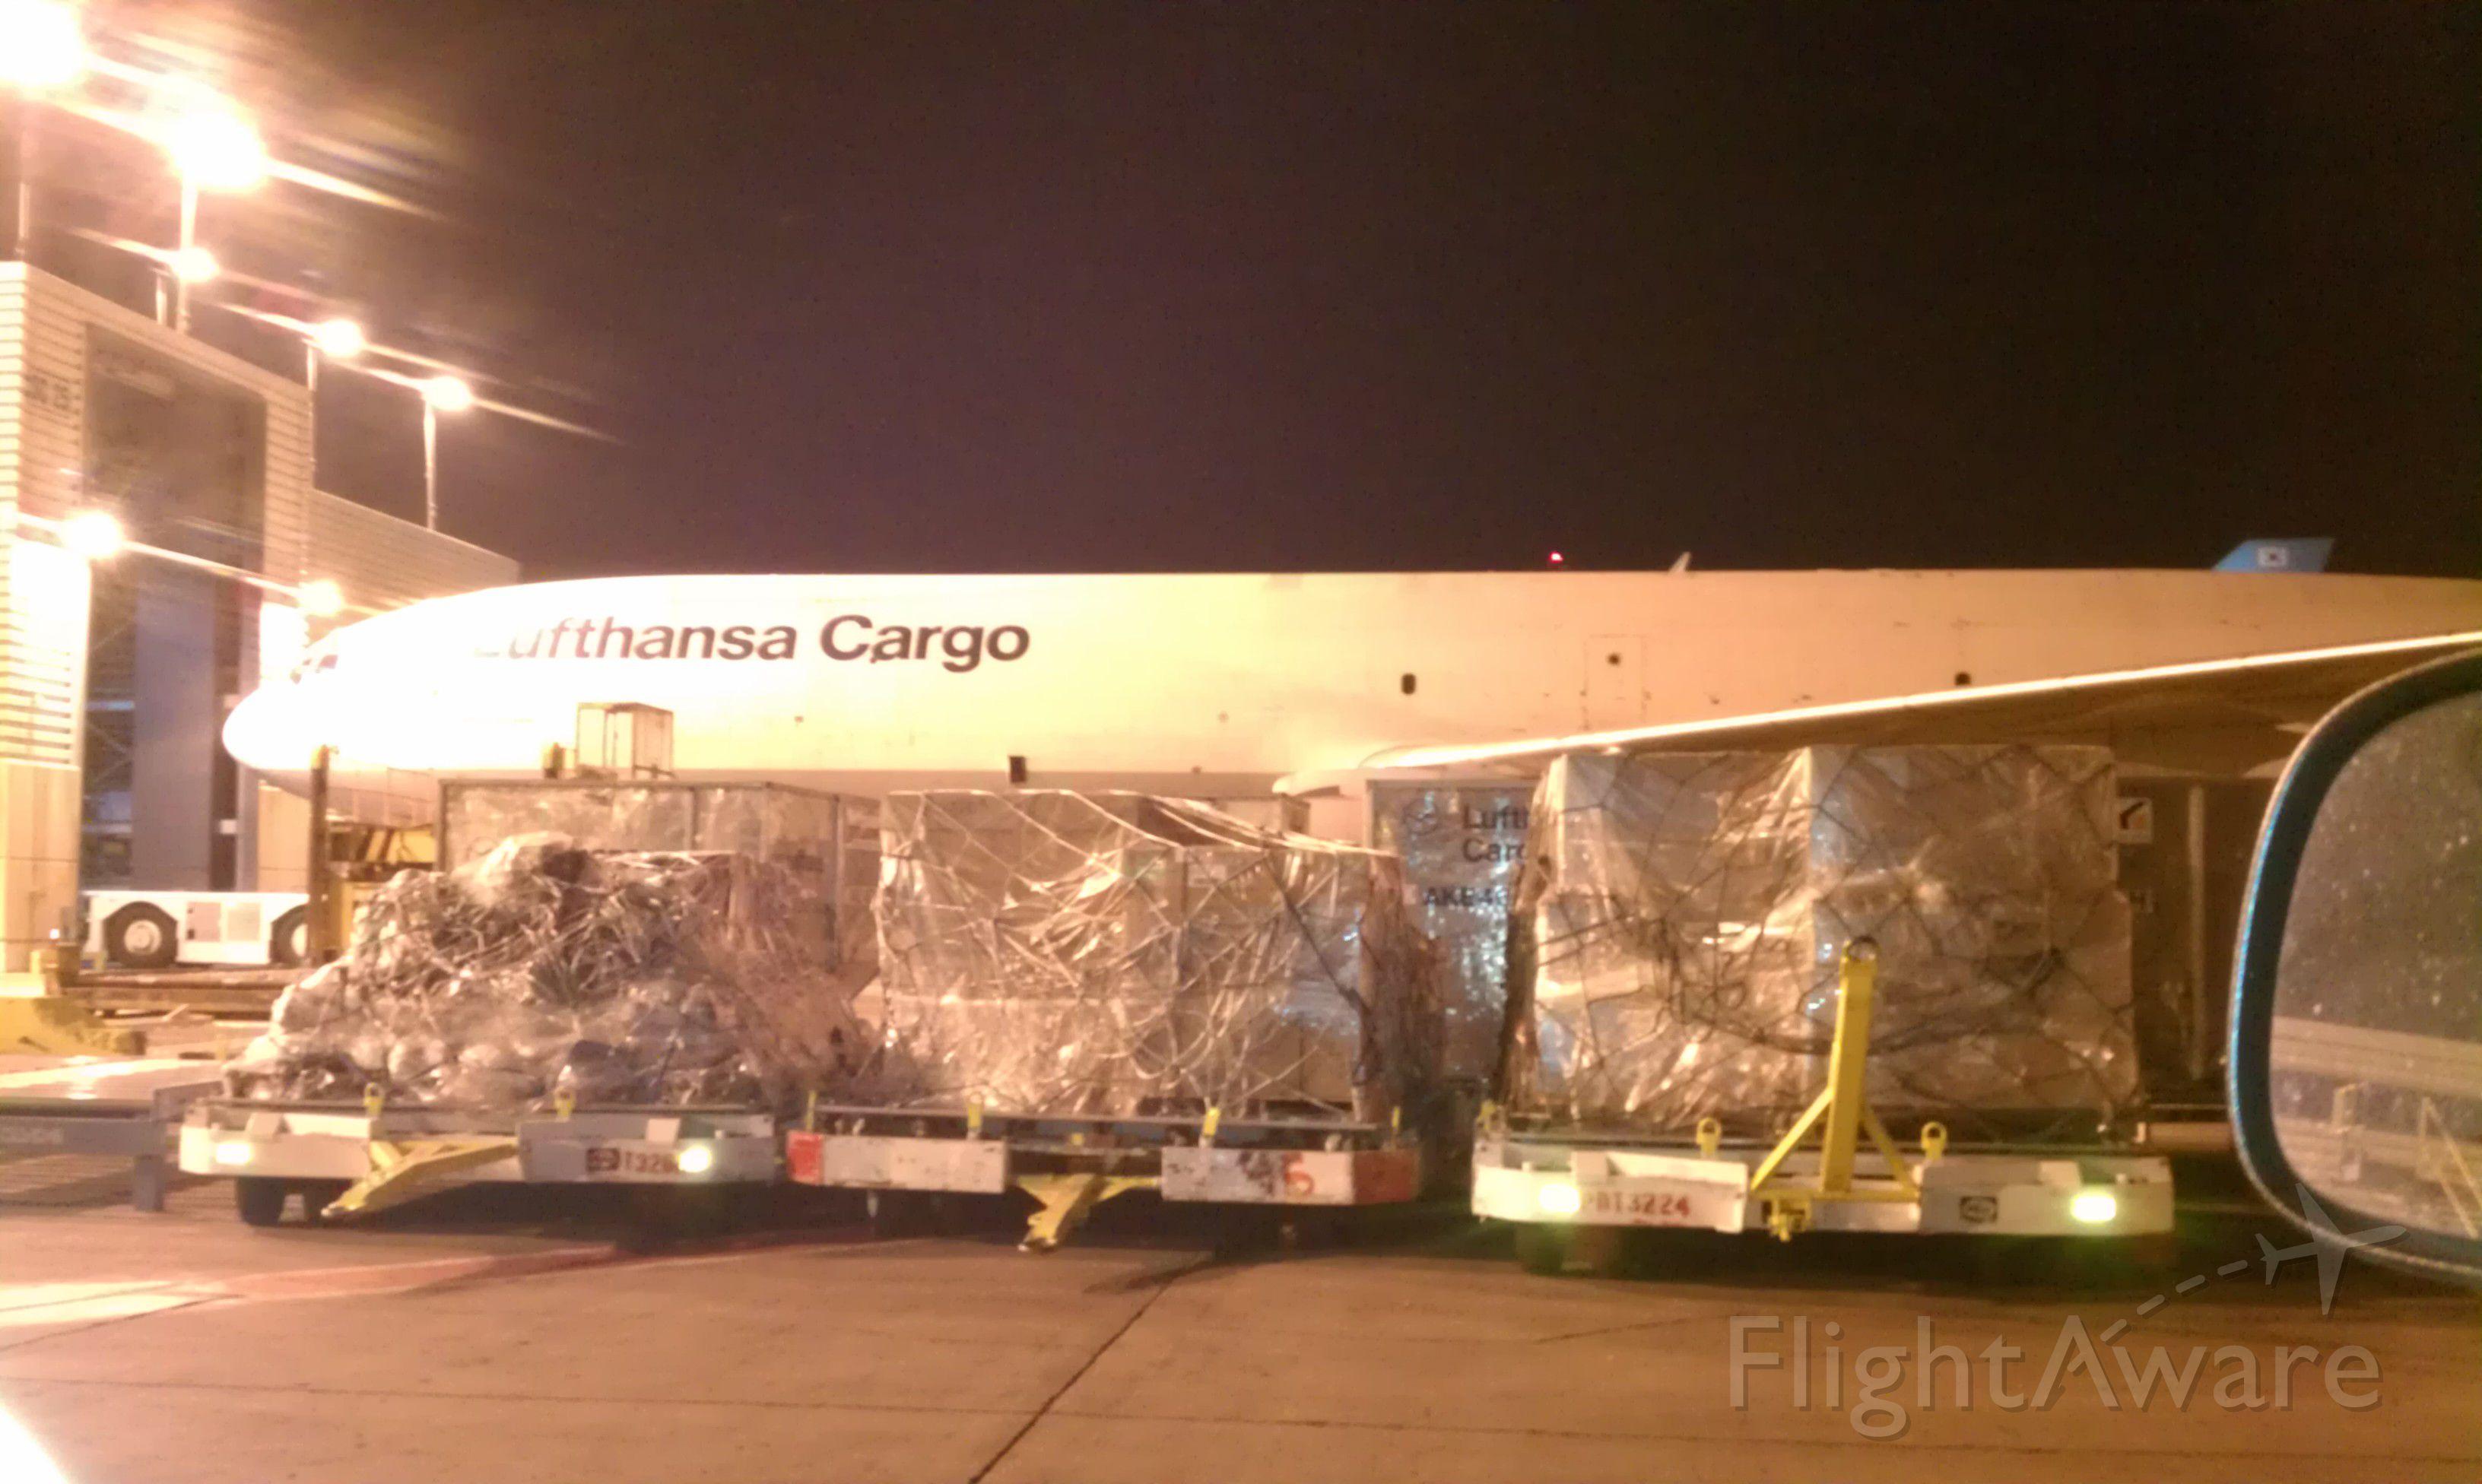 — — - lufthansa Cargo Aircraft